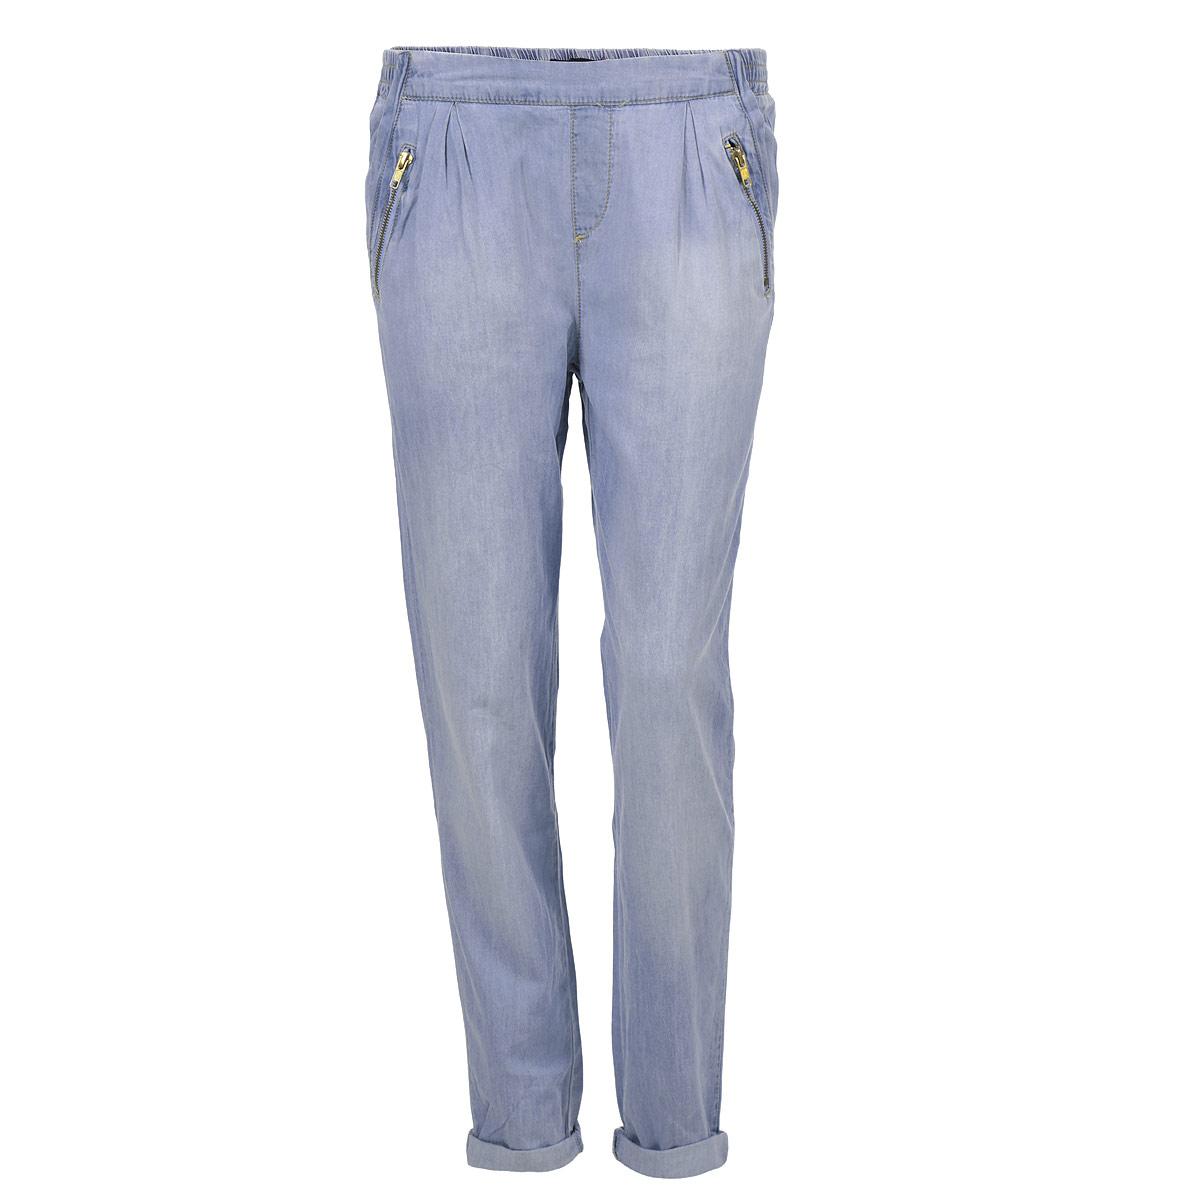 Джинсы женские. SPADEJOGG EHBL/BLU013SPADEJOGG EHBL/BLU013Стильные женские джинсы-джоггеры Tally Weijl высочайшего качества, созданы специально для того, чтобы подчеркивать достоинства вашей фигуры. Модель свободного кроя с зауженными к низу брючинами и средней посадки станет отличным дополнением к вашему современному образу. Пояс дополнен эластичной резинкой. Спереди модель оформлена четырьмя втачными карманами с косыми срезами, а сзади - имитацией прорезных кармашков. Эти модные и в тоже время комфортные джинсы послужат отличным дополнением к вашему гардеробу. В них вы всегда будете чувствовать себя уютно и комфортно.